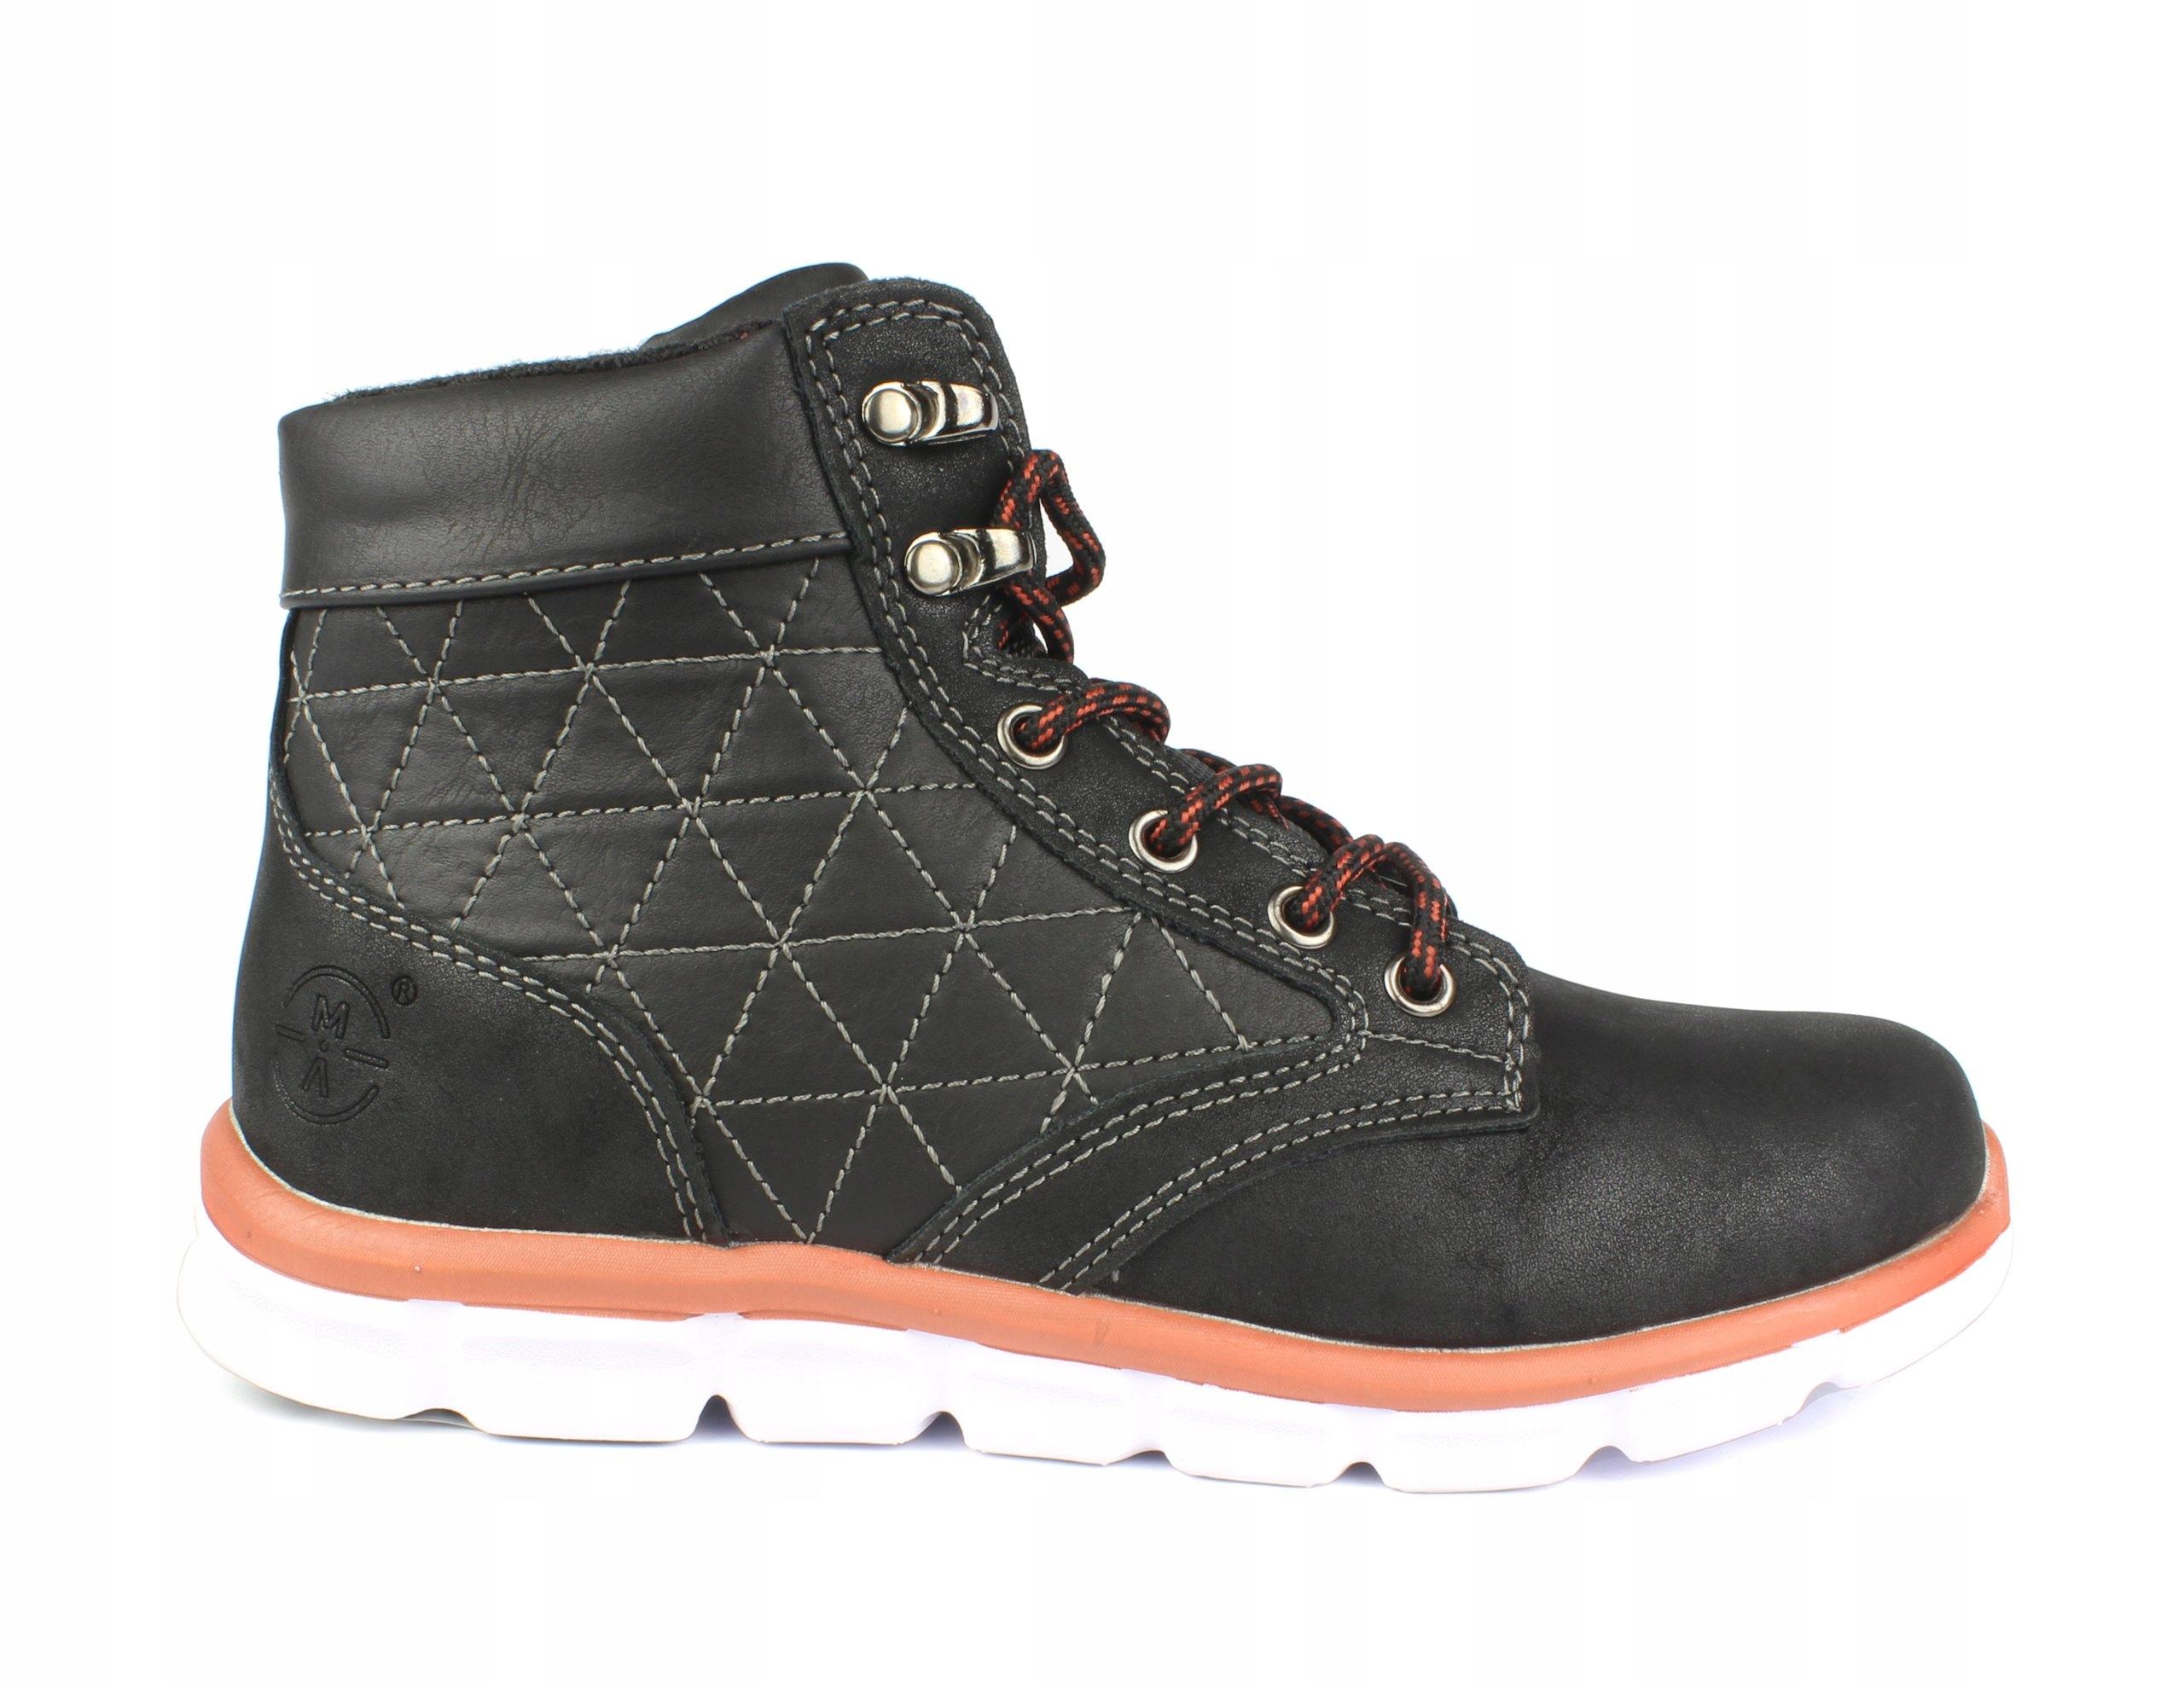 Salomon buty trekkingowe damskie skórzane sportowe na